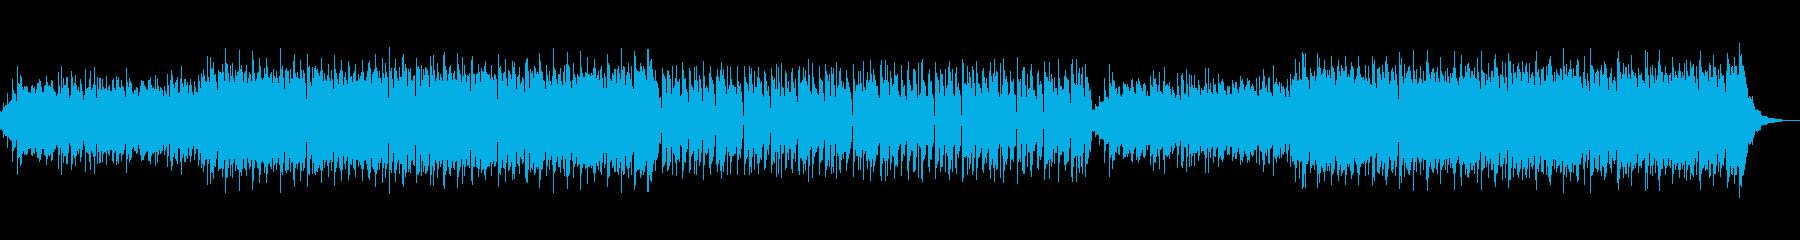 EDM・ポップ・キャッチー・メロディーの再生済みの波形